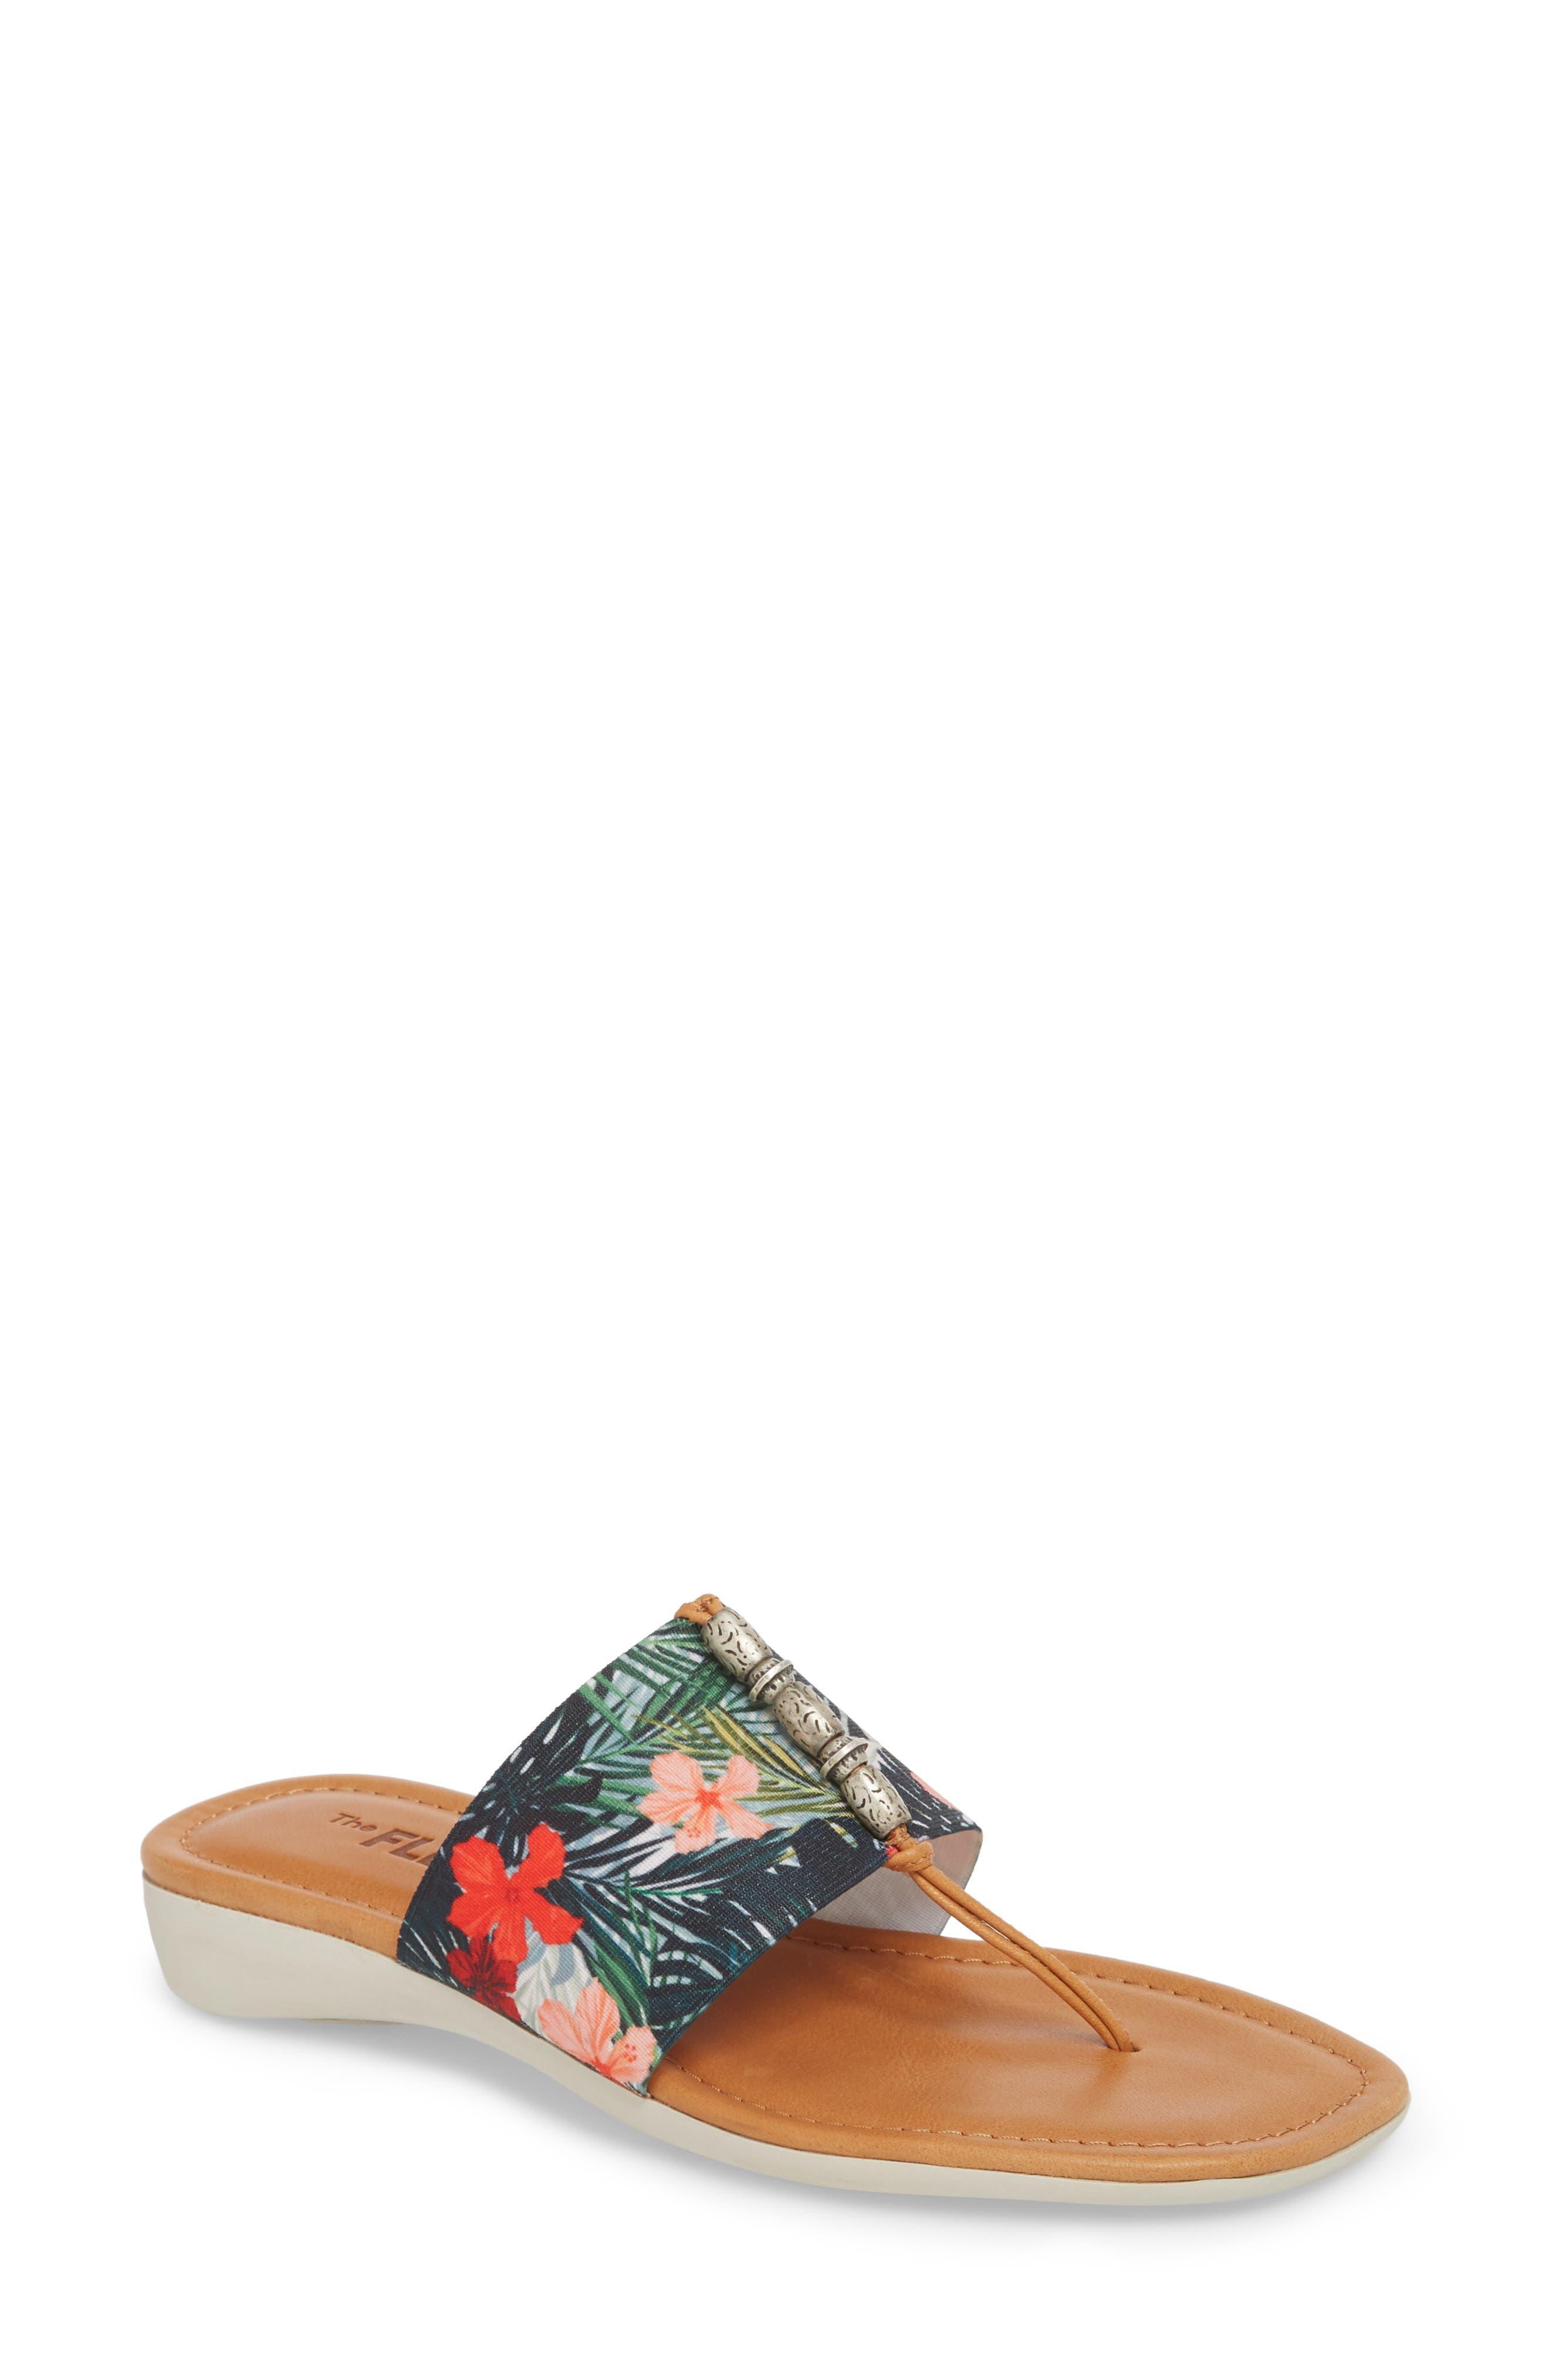 Rain Maker Sandal,                             Main thumbnail 1, color,                             Cognac Tropical Leather